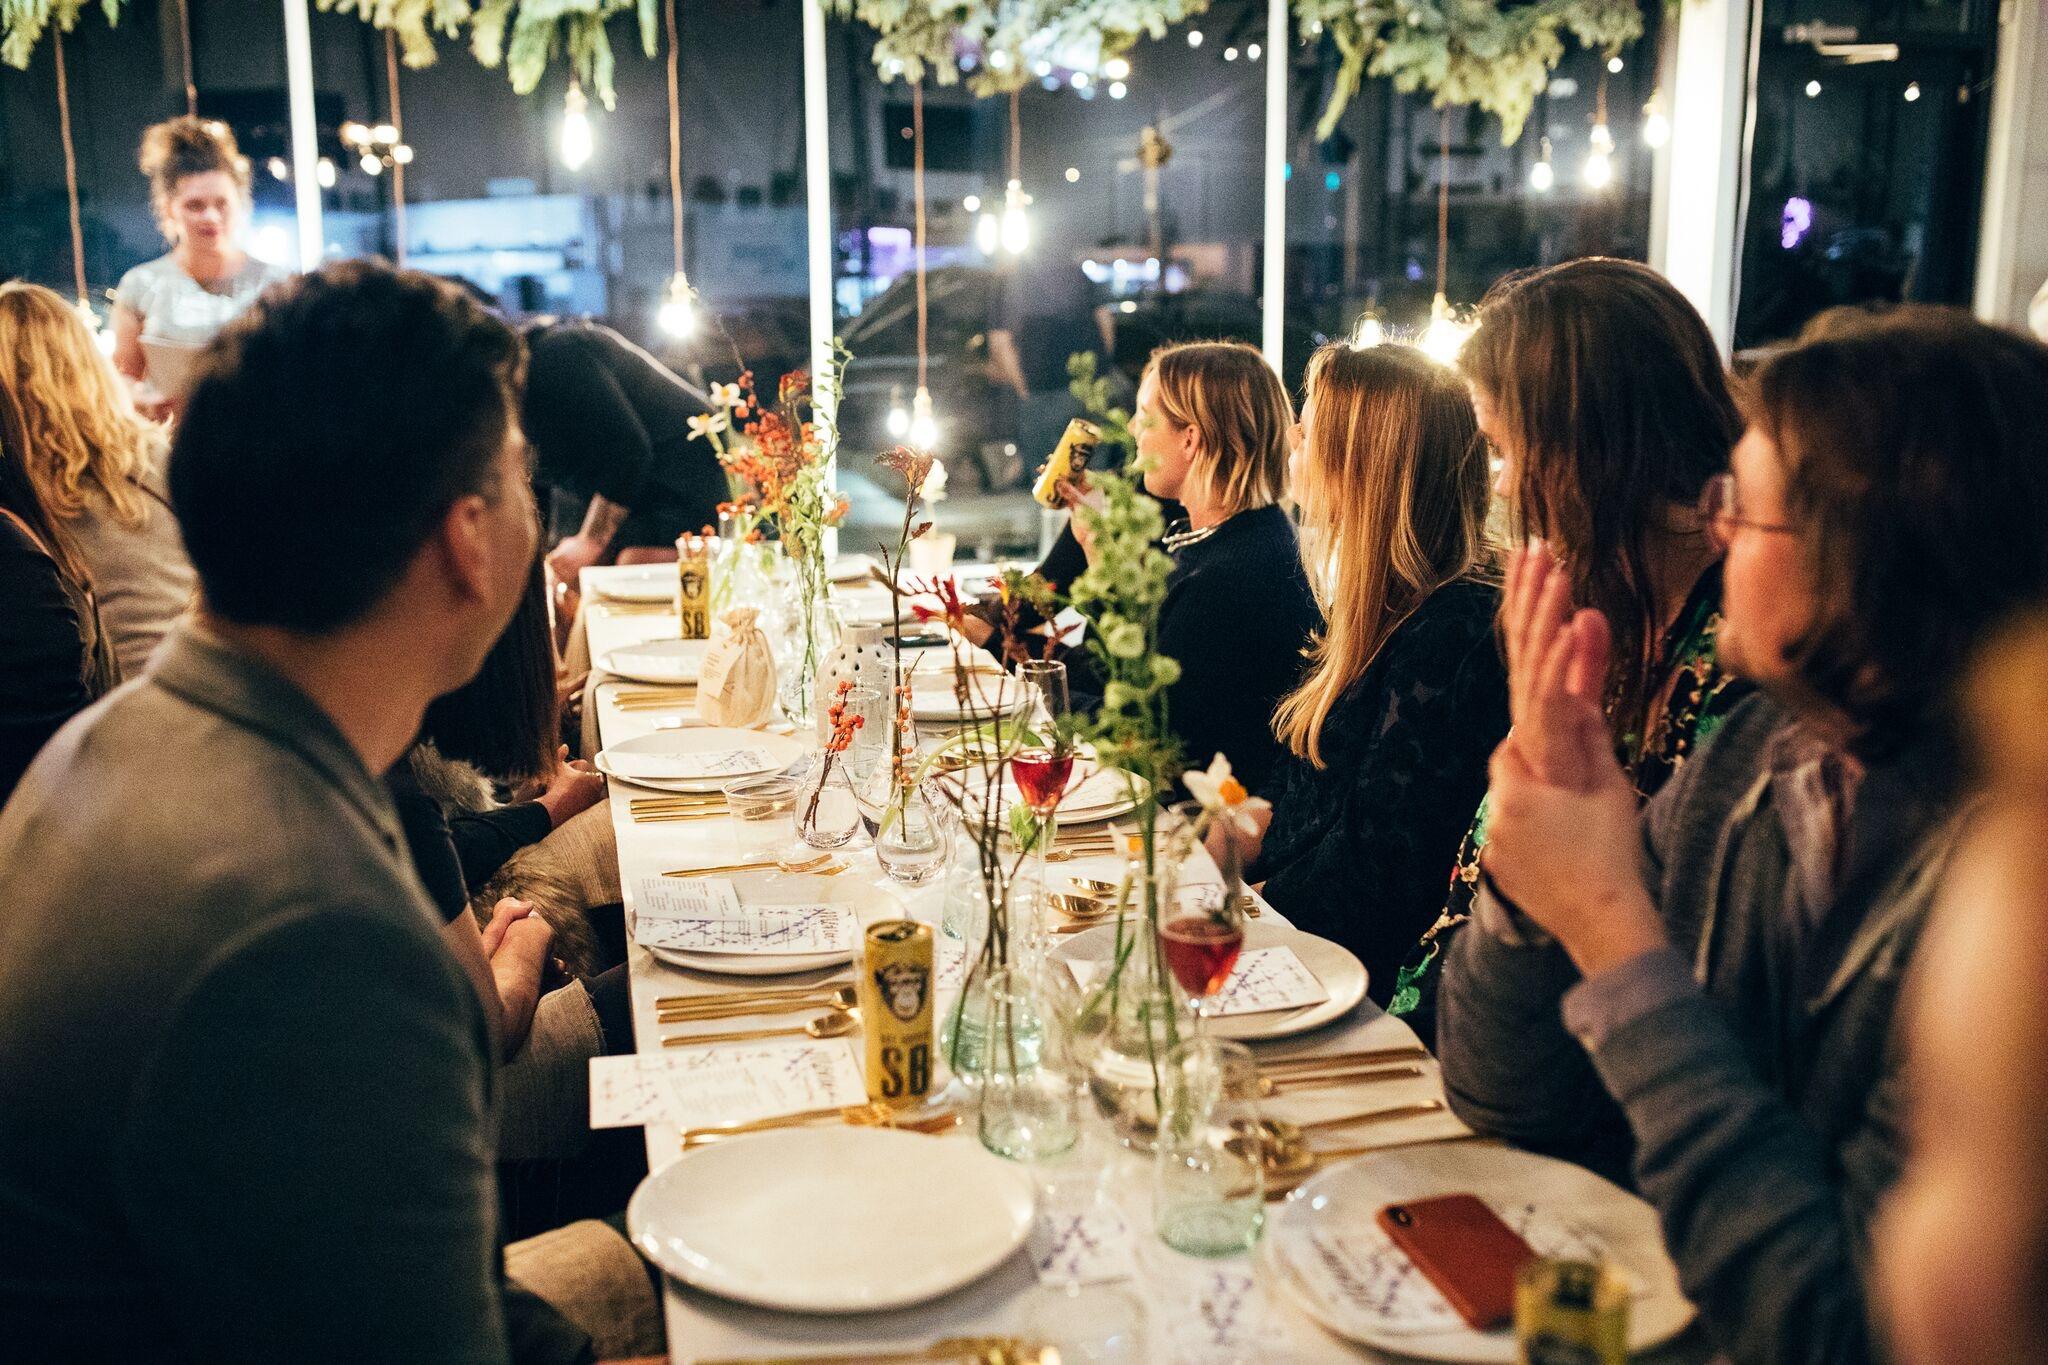 Drink Slingers Austin Event Bartenders Image 87